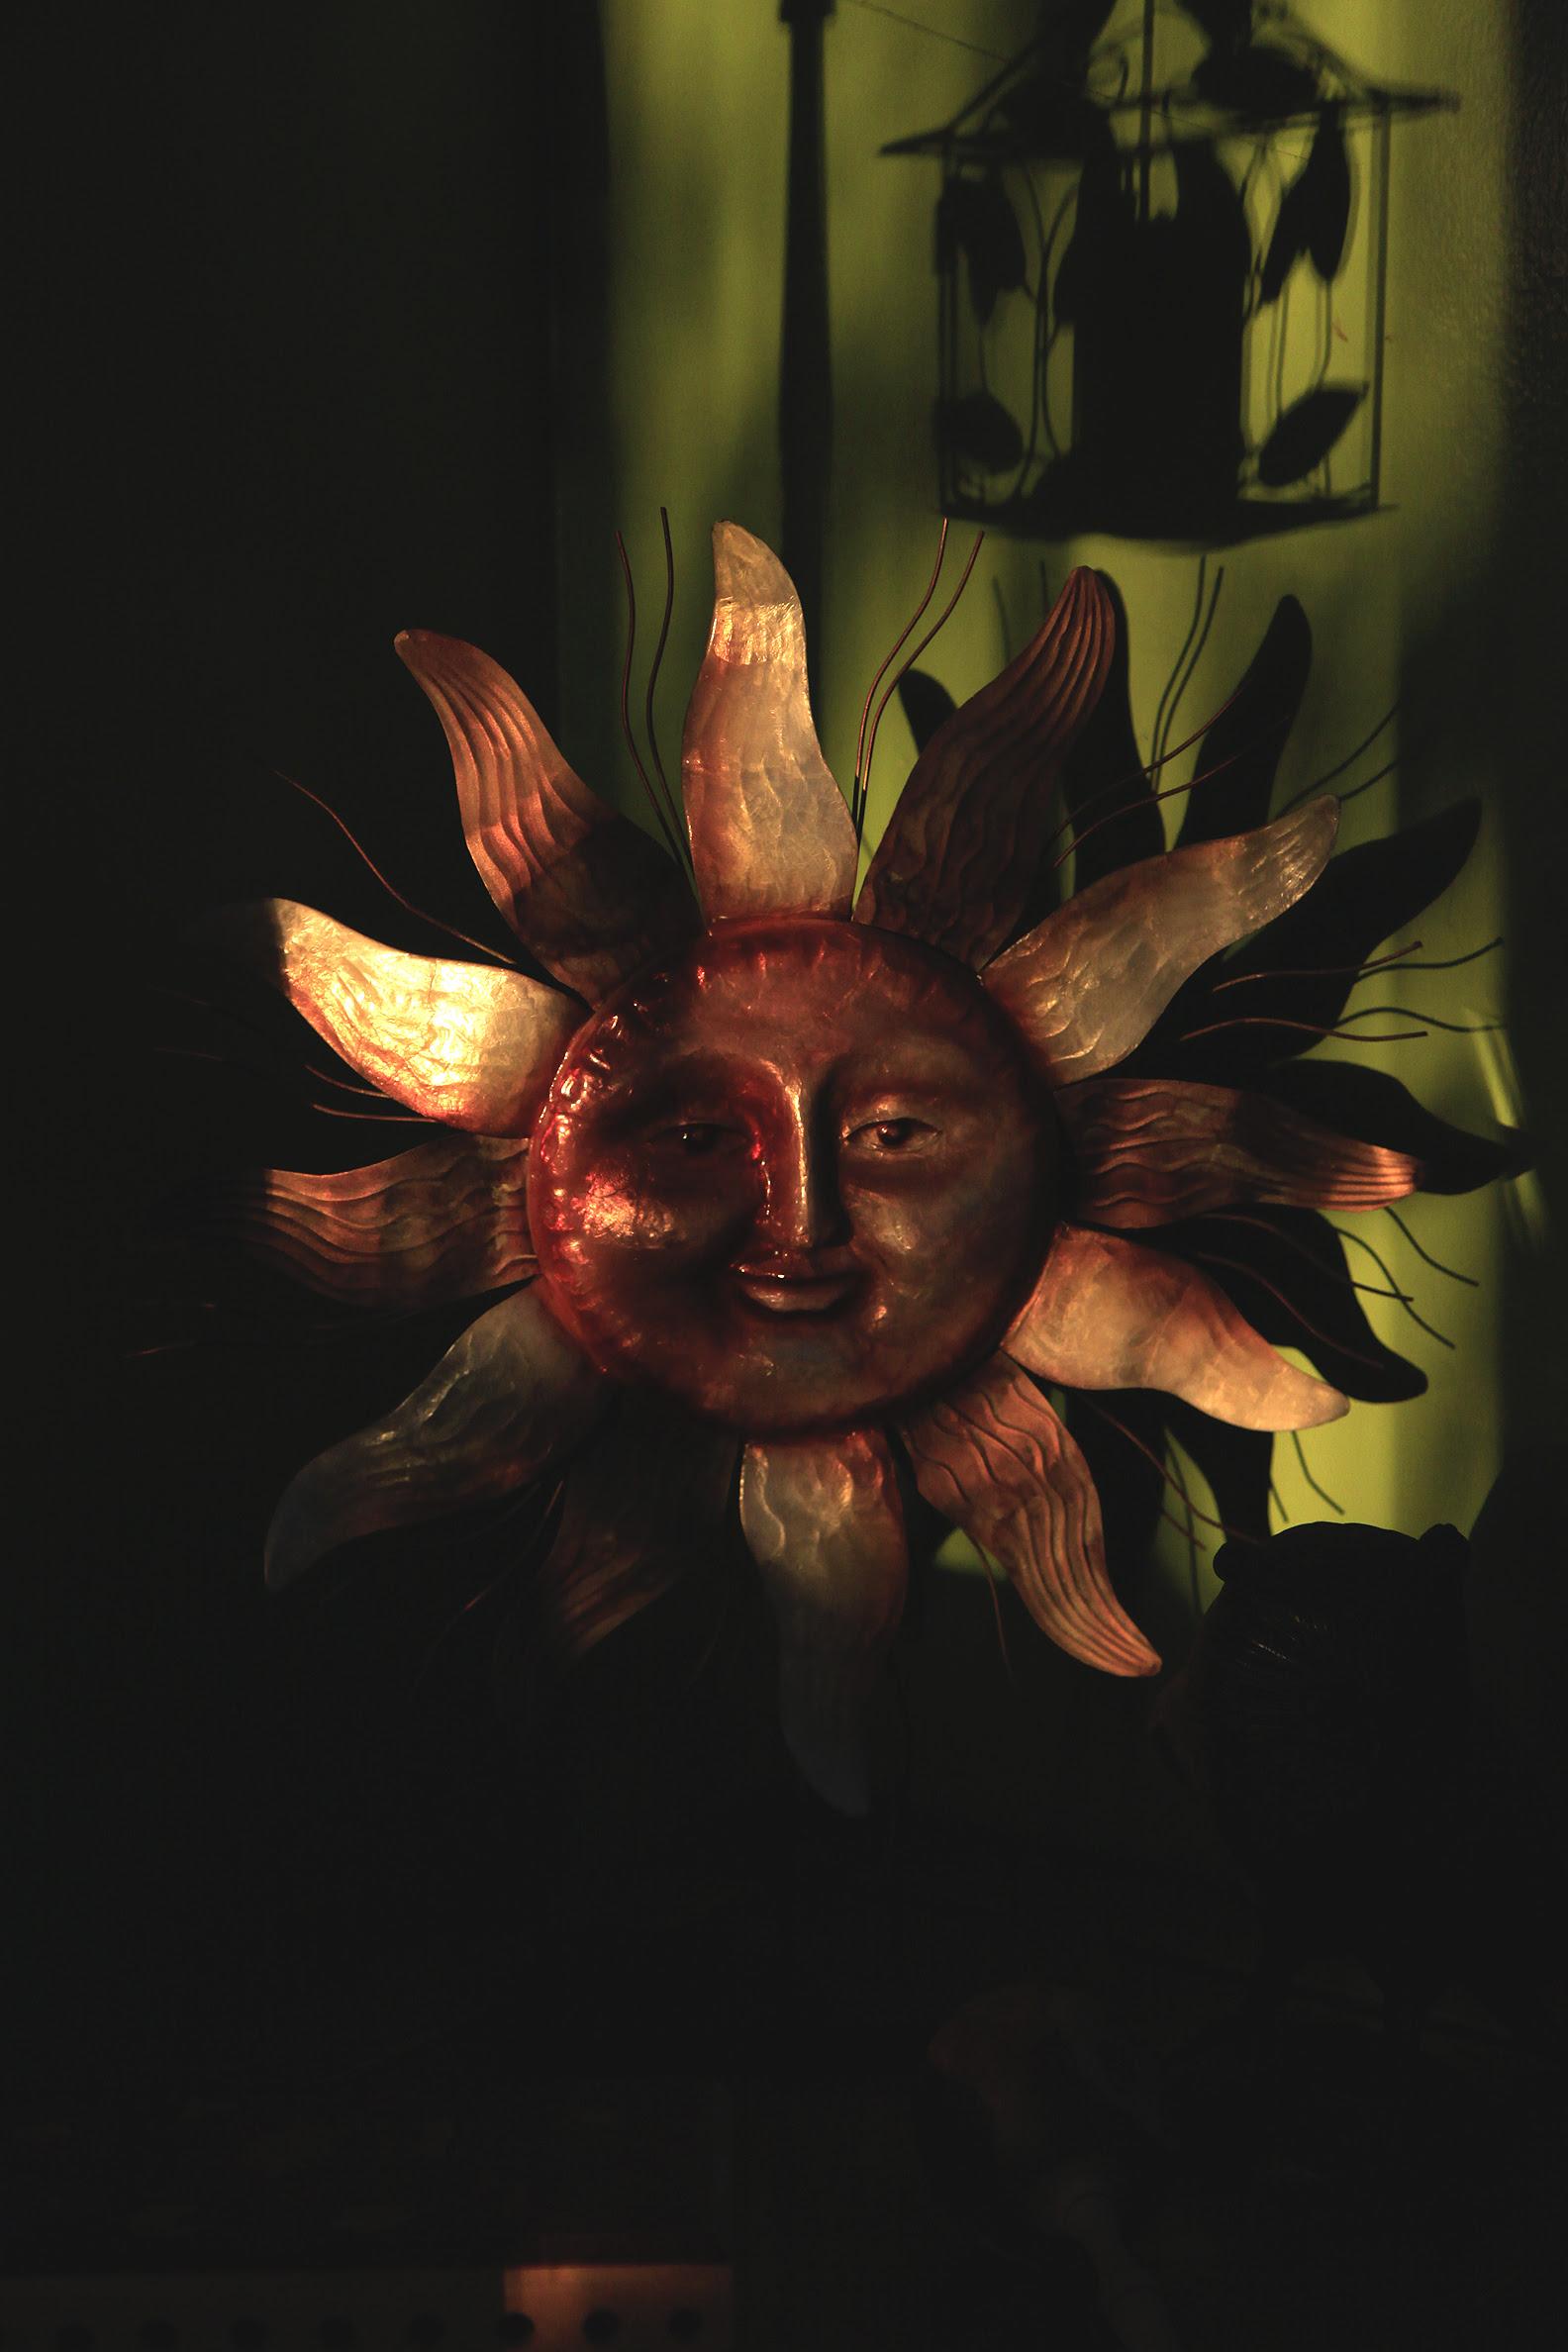 sun in the sun